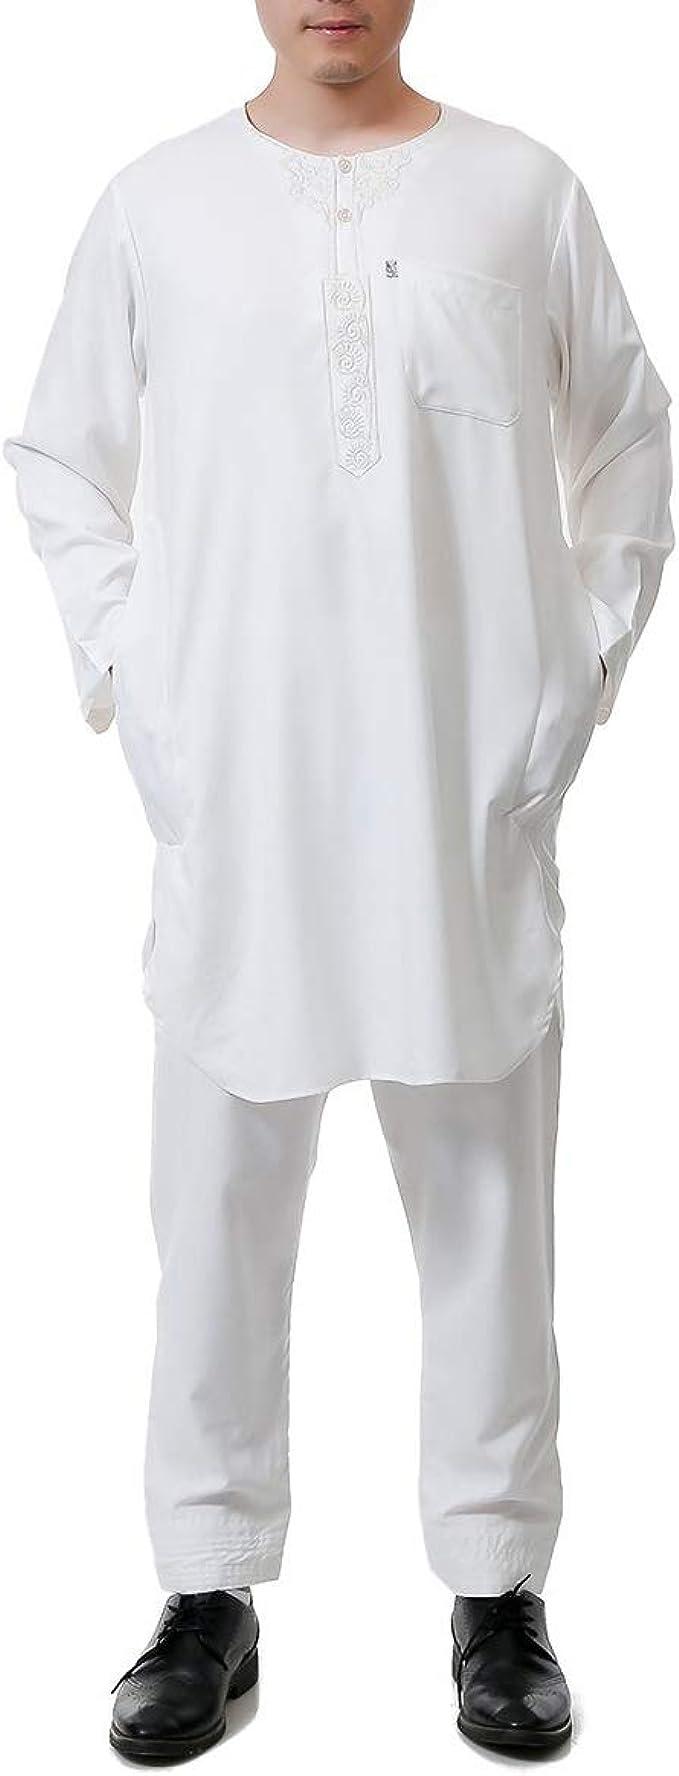 MEYINI Hombre Traje árabe Musulmán con Conjunto de Pantalones - Islámico Kaftan Traje de 2 Piezas Thobe Oriente Medio Ropa Ramadán Thawb: Amazon.es: Ropa y accesorios